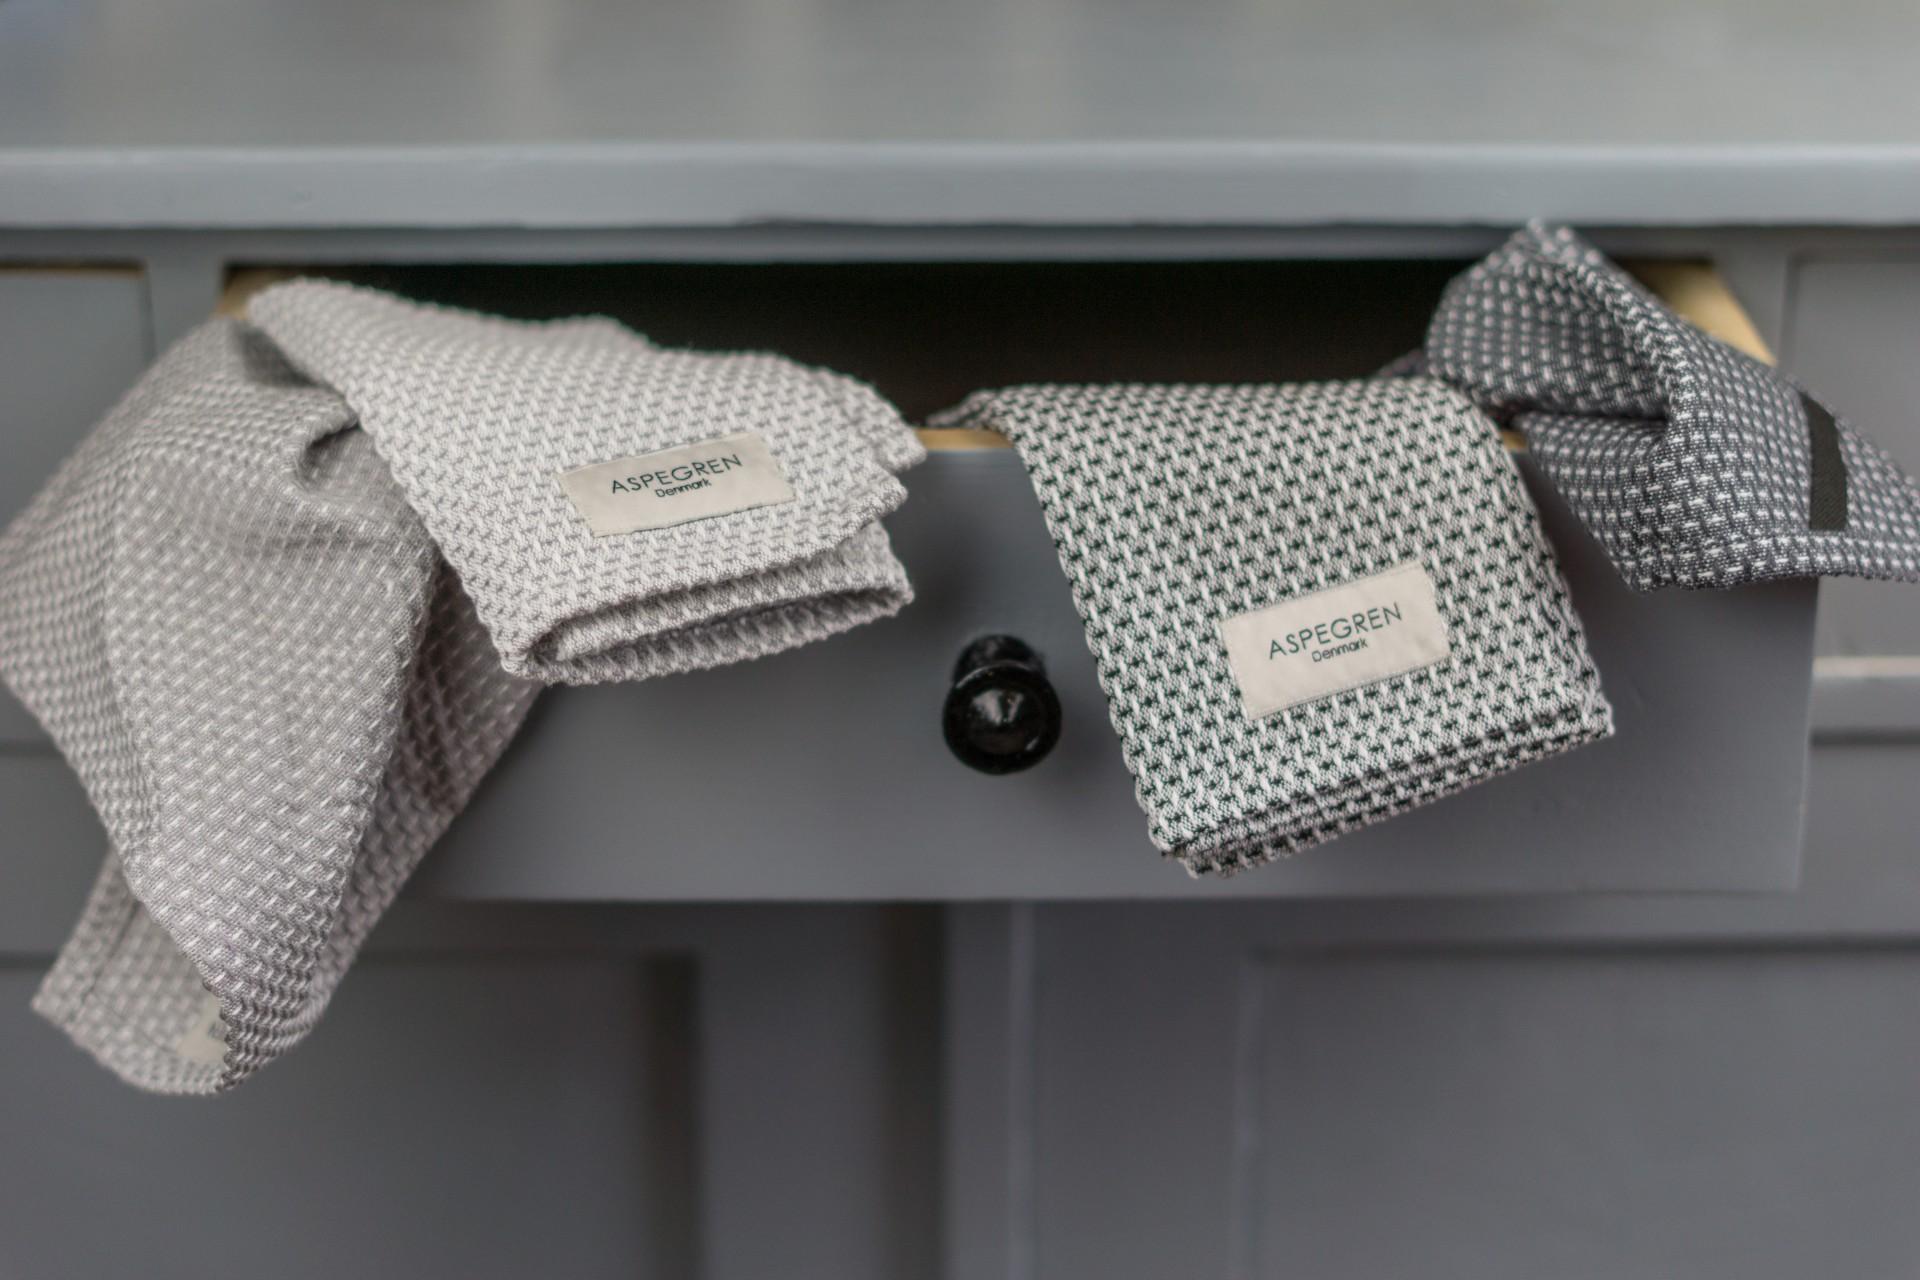 Spültücher aus Bio-Baumwolle in Waffeloptik von Aspegren Denmark. Die Spültücher werden in einer Schublade eines Küchenschrankes aufbewahrt.